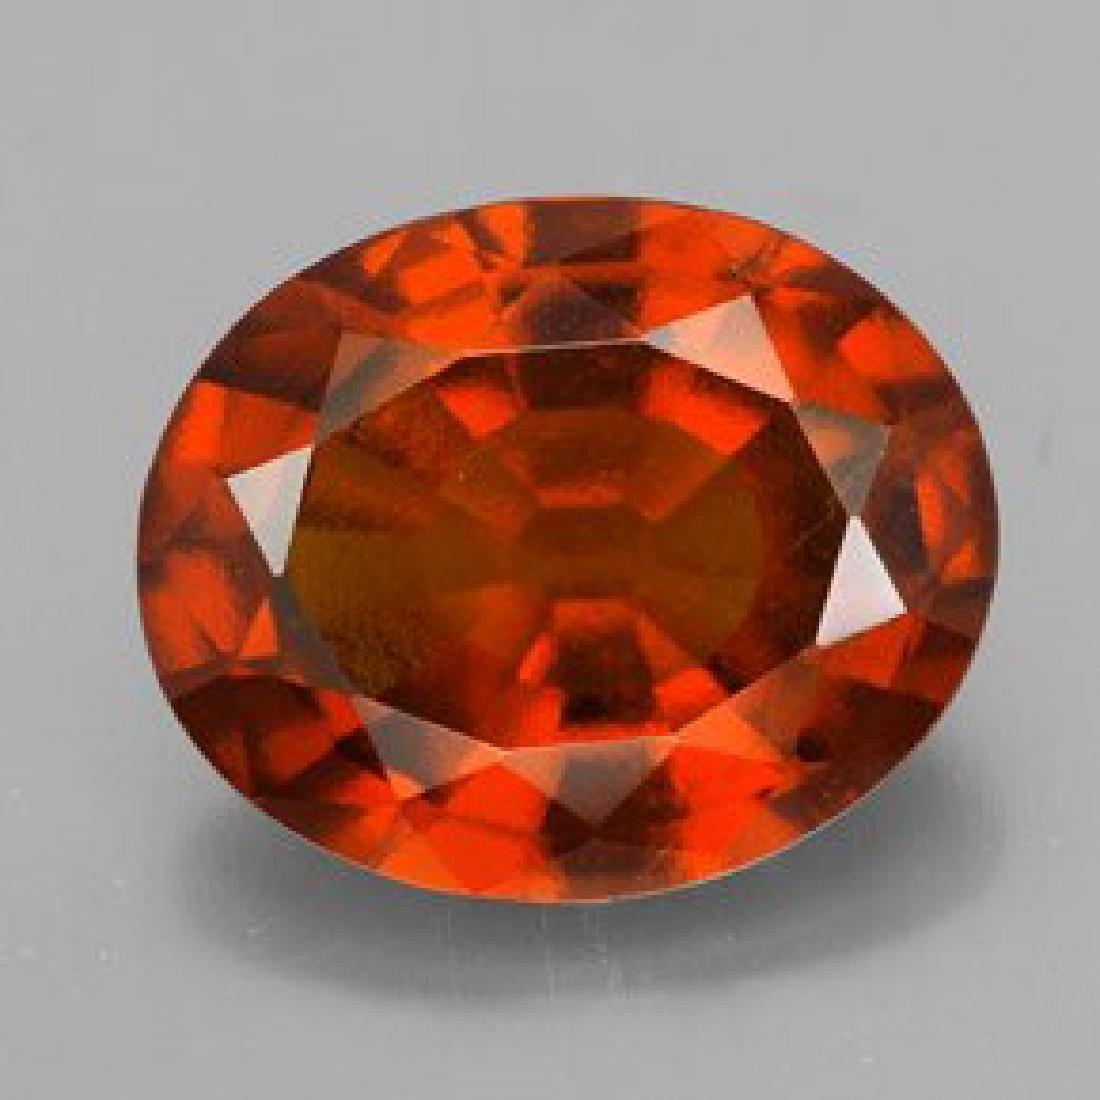 Natural Hessonite Garnet 2.03 ct - no Treatment